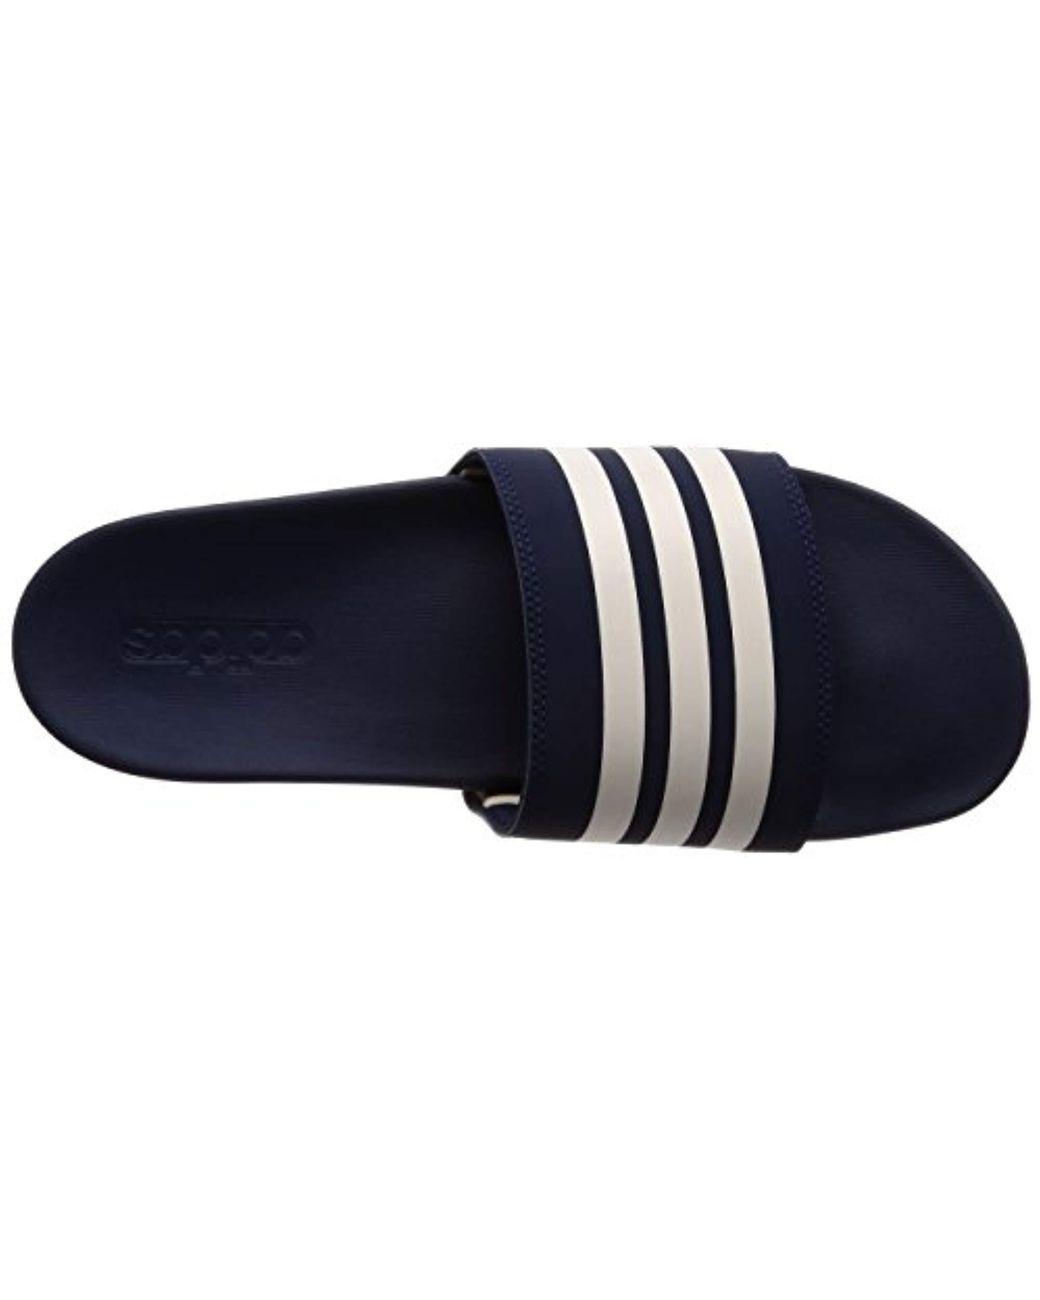 pizarra coger un resfriado Invalidez  Mono Zapatos de Playa y Piscina para Hombre adidas Adilette CF Chanclas